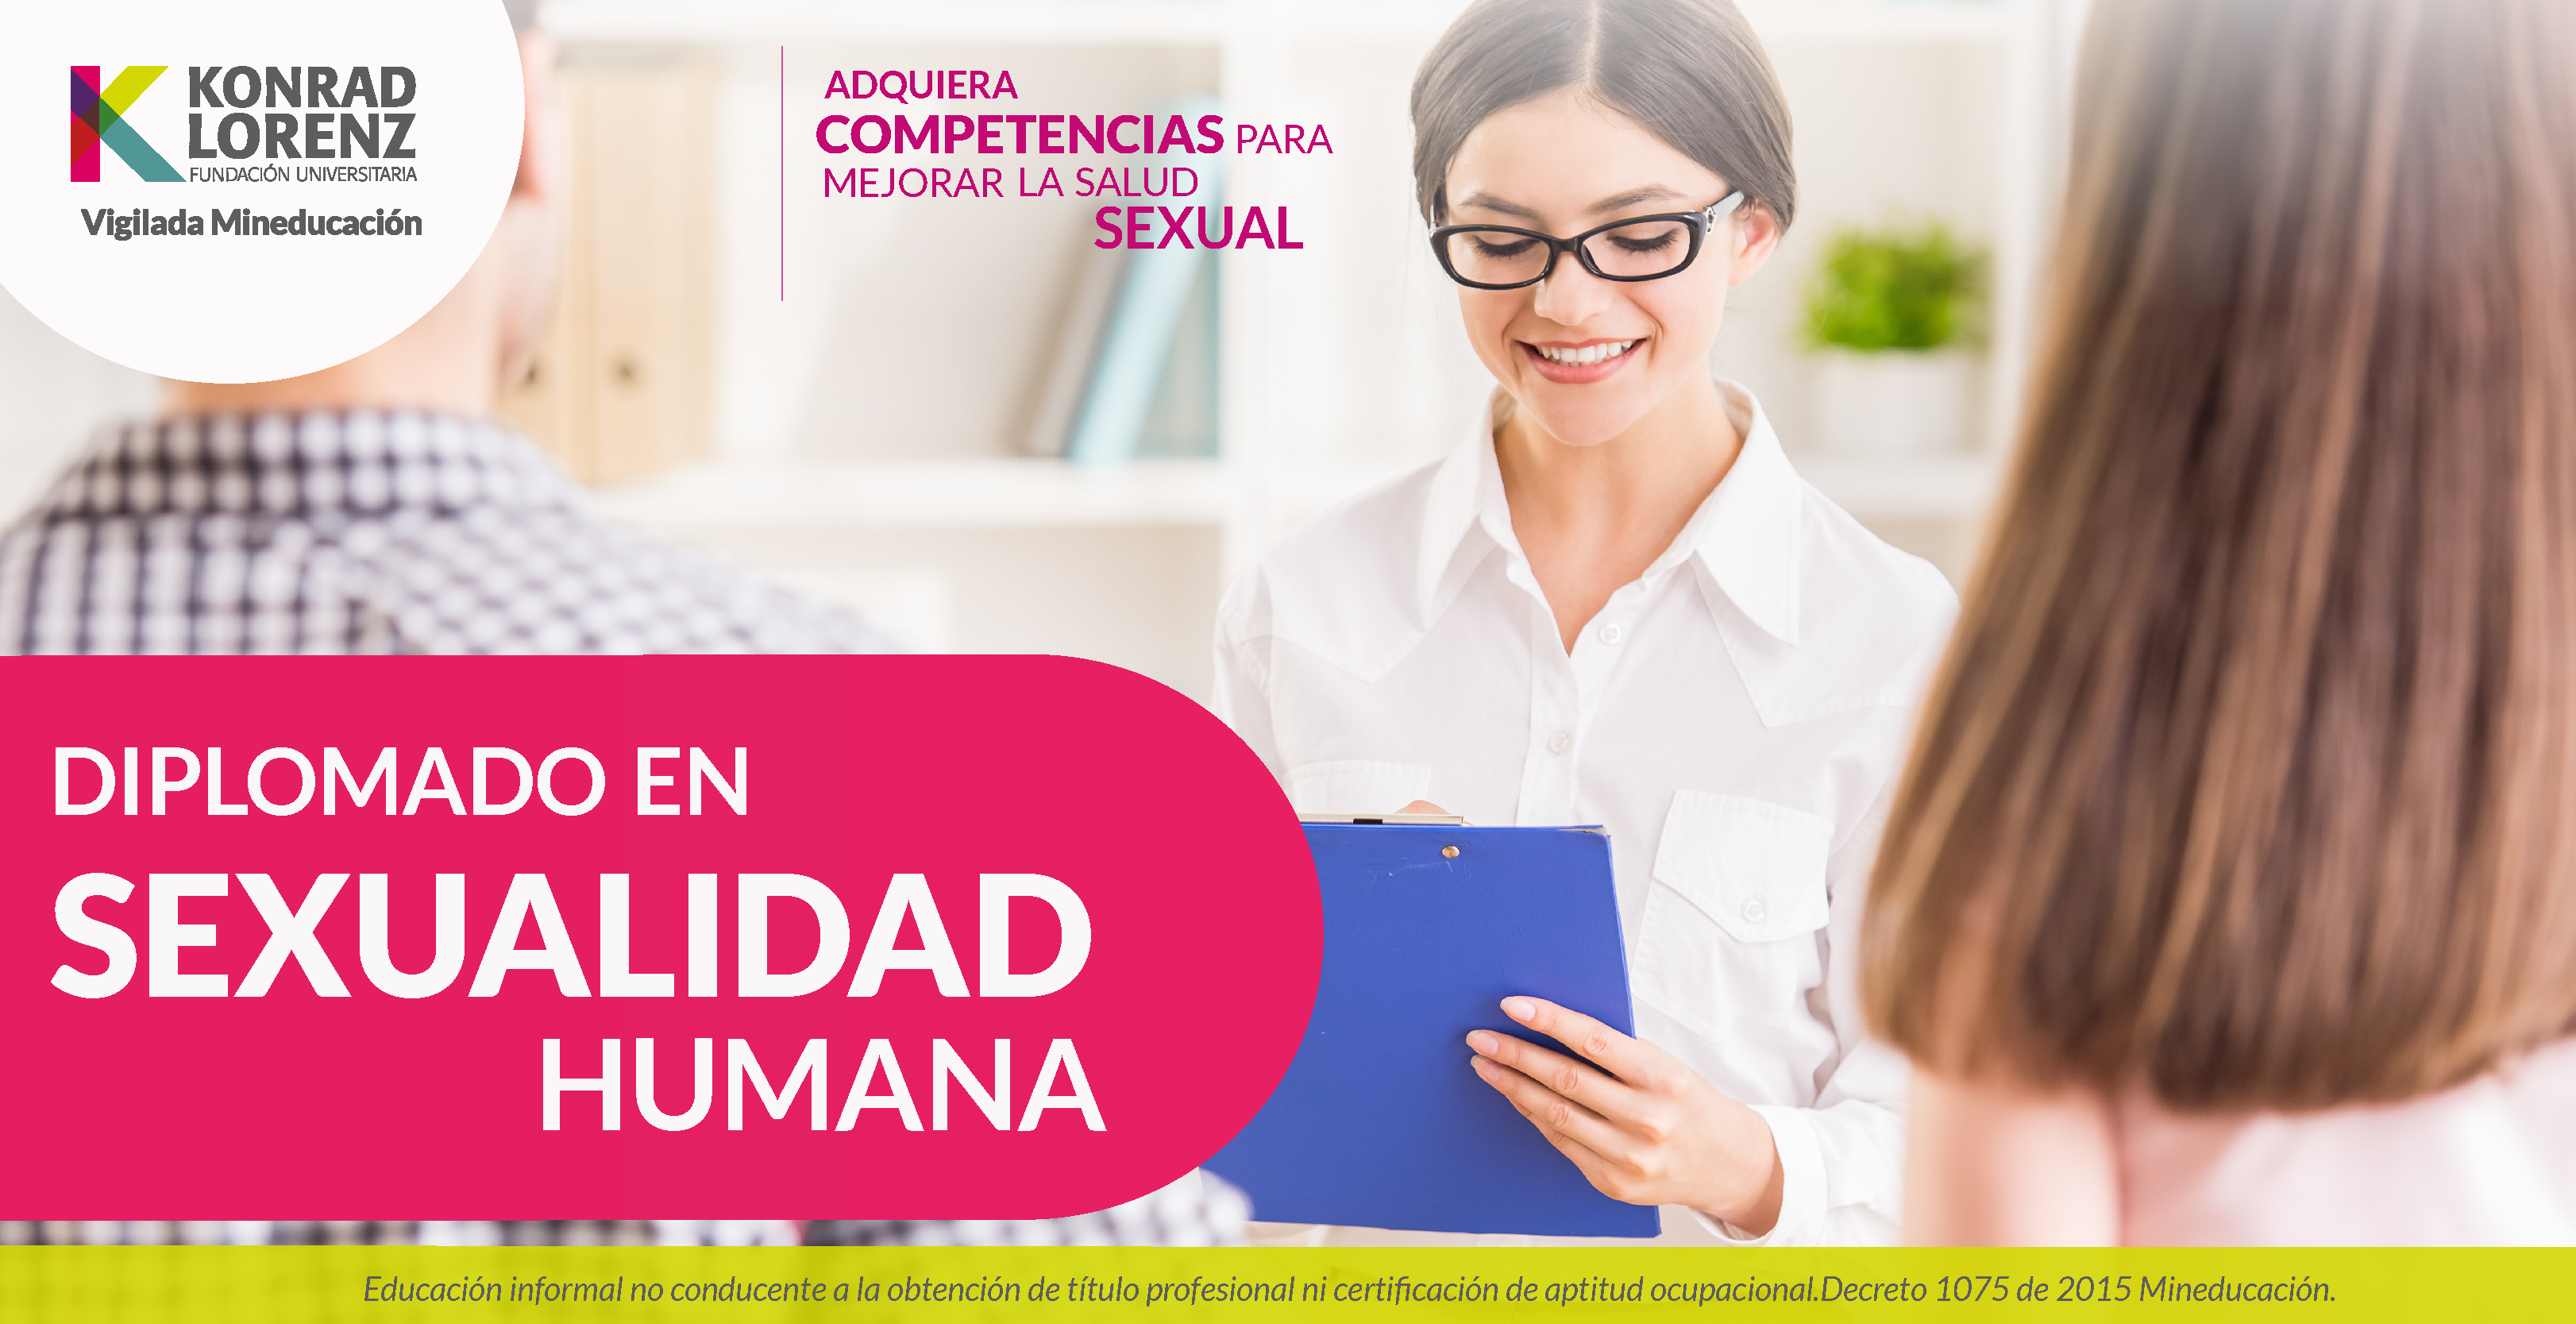 sexualidad humana articulos cientificos